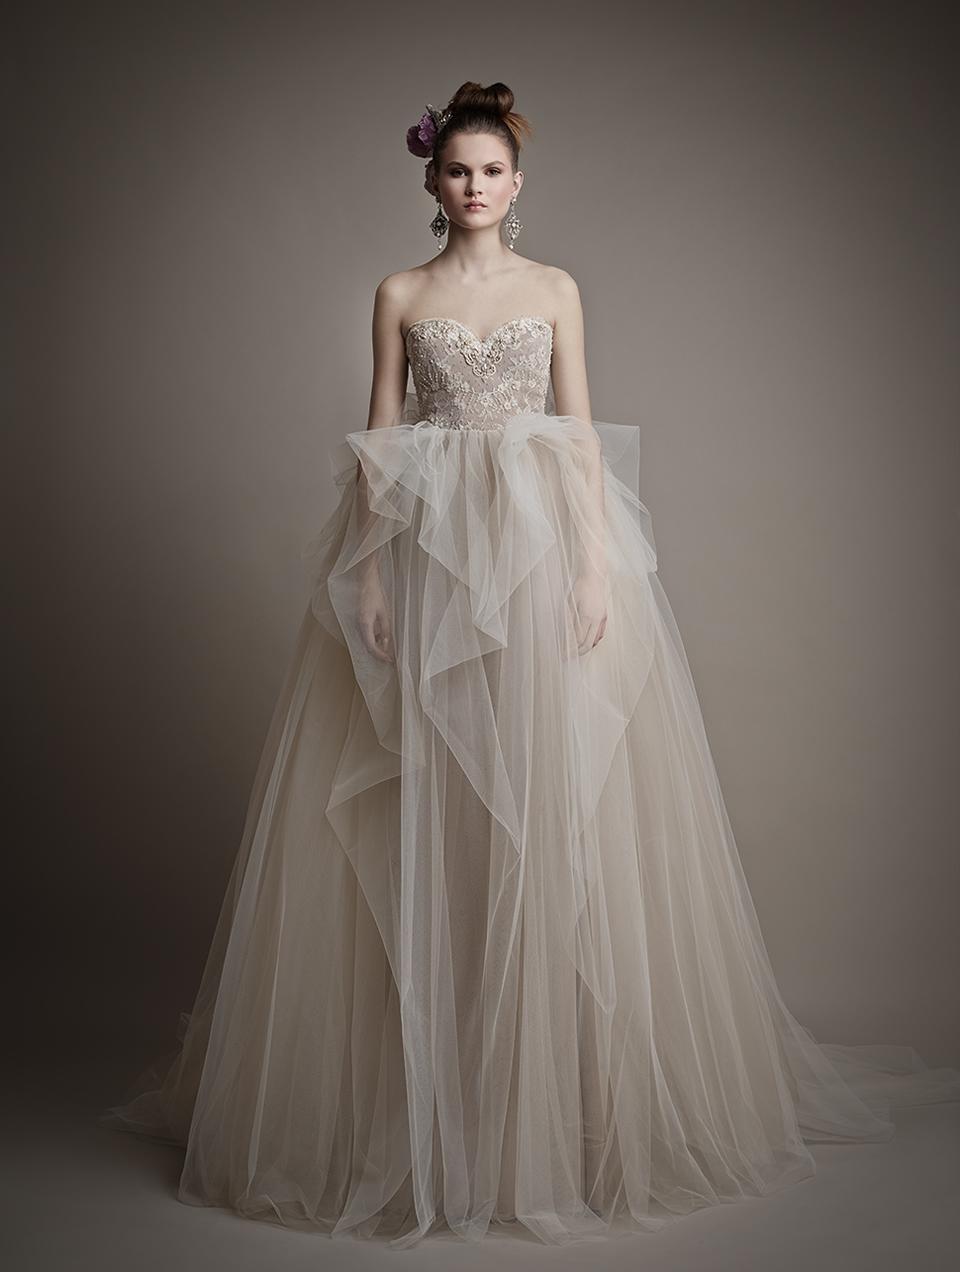 1cb8cfd4f4e Все коллекции свадебных платьев - Все об организации свадьбы!